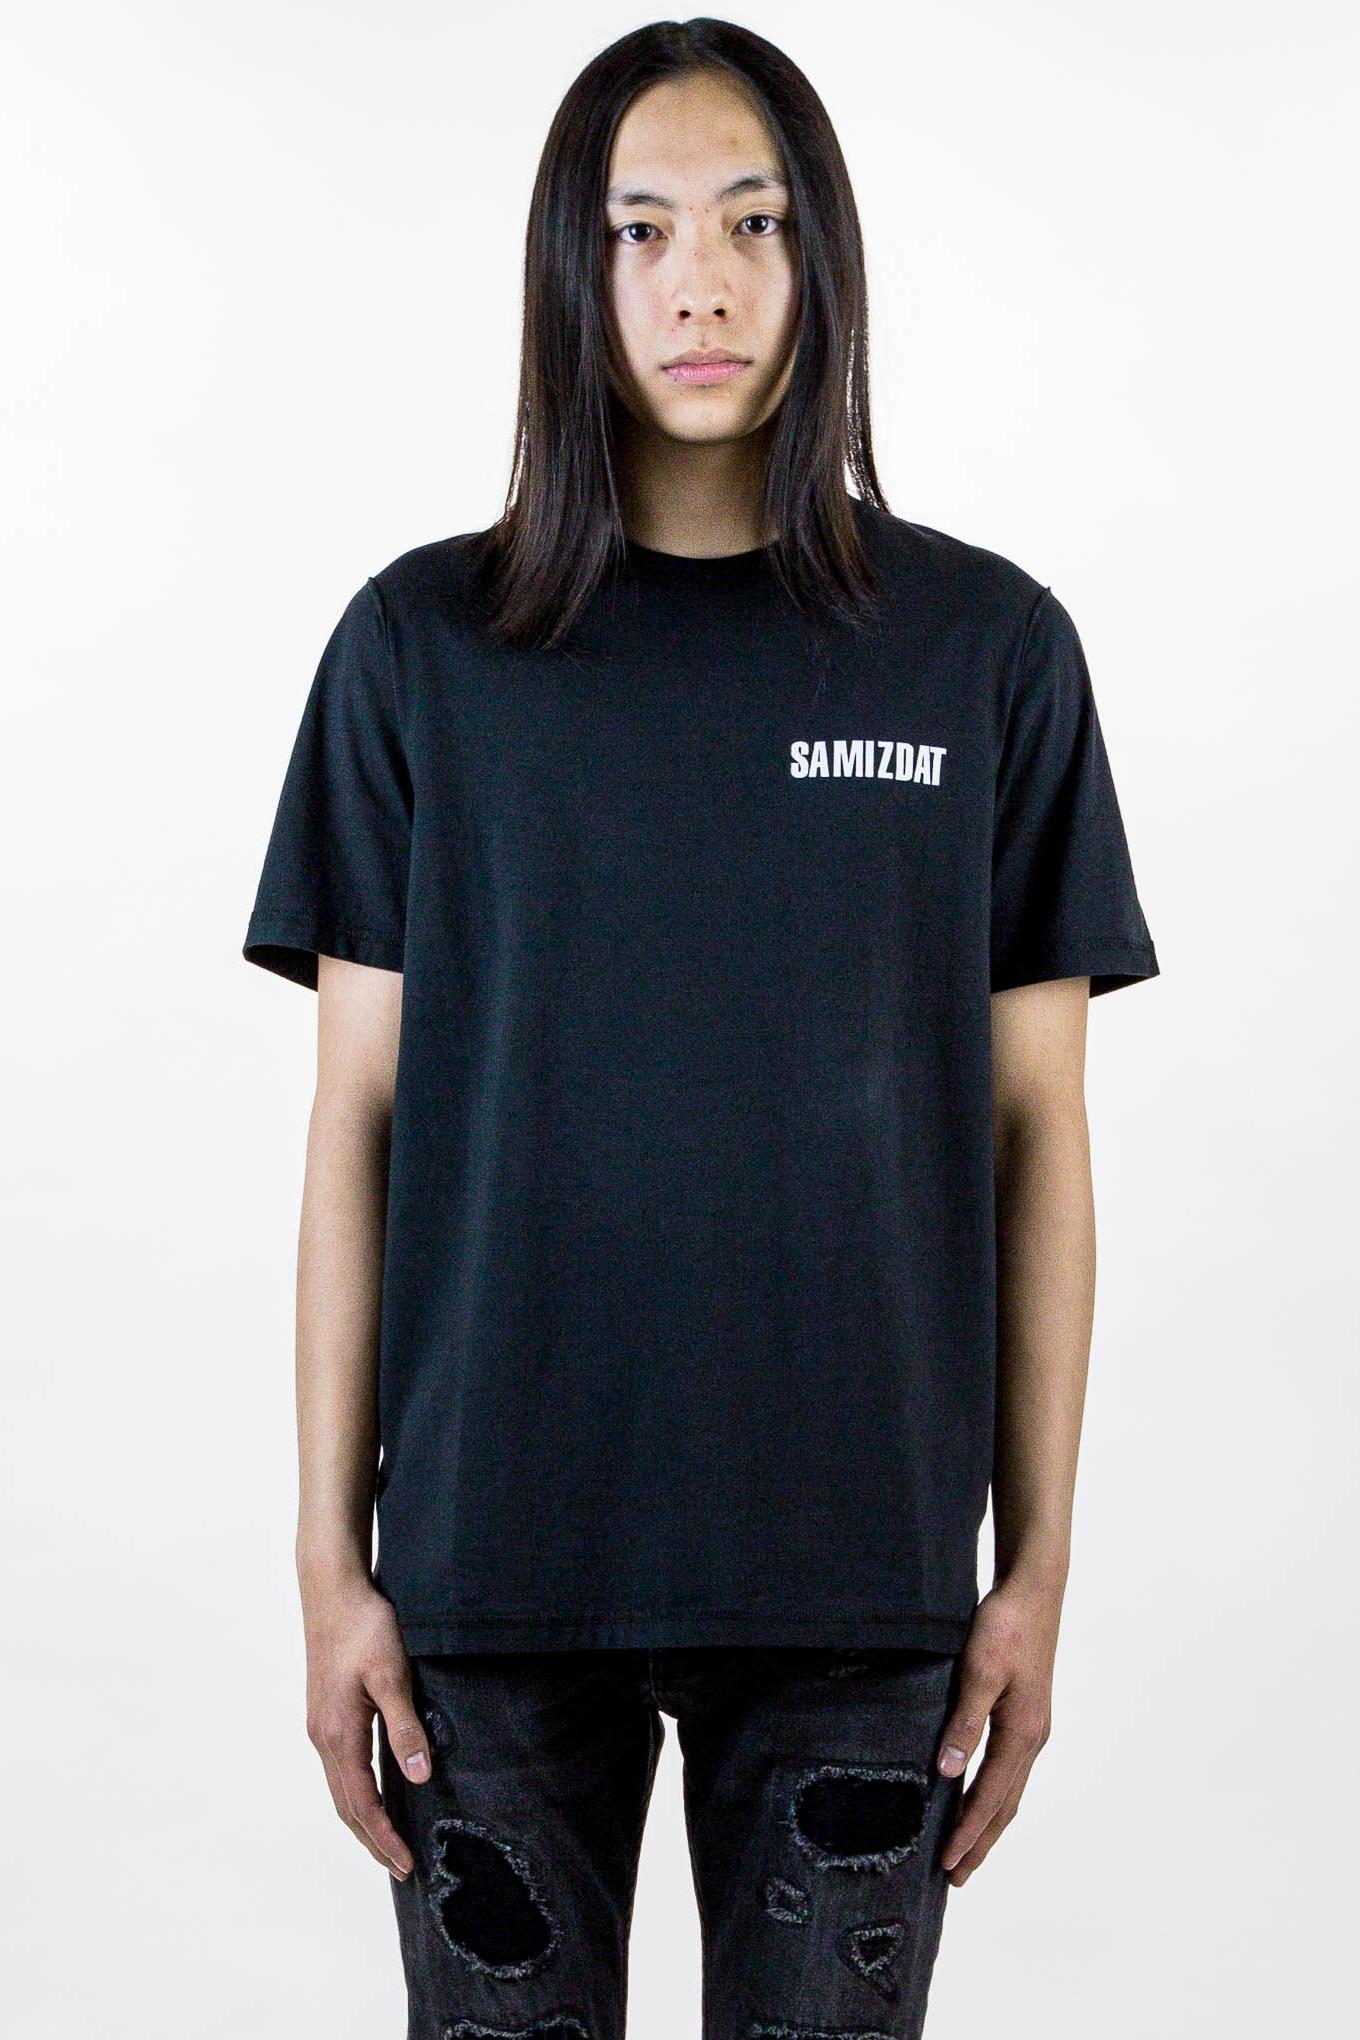 Yang Li SAMIZDAT T-shirt Hoodie Tote Lighter - 1844526